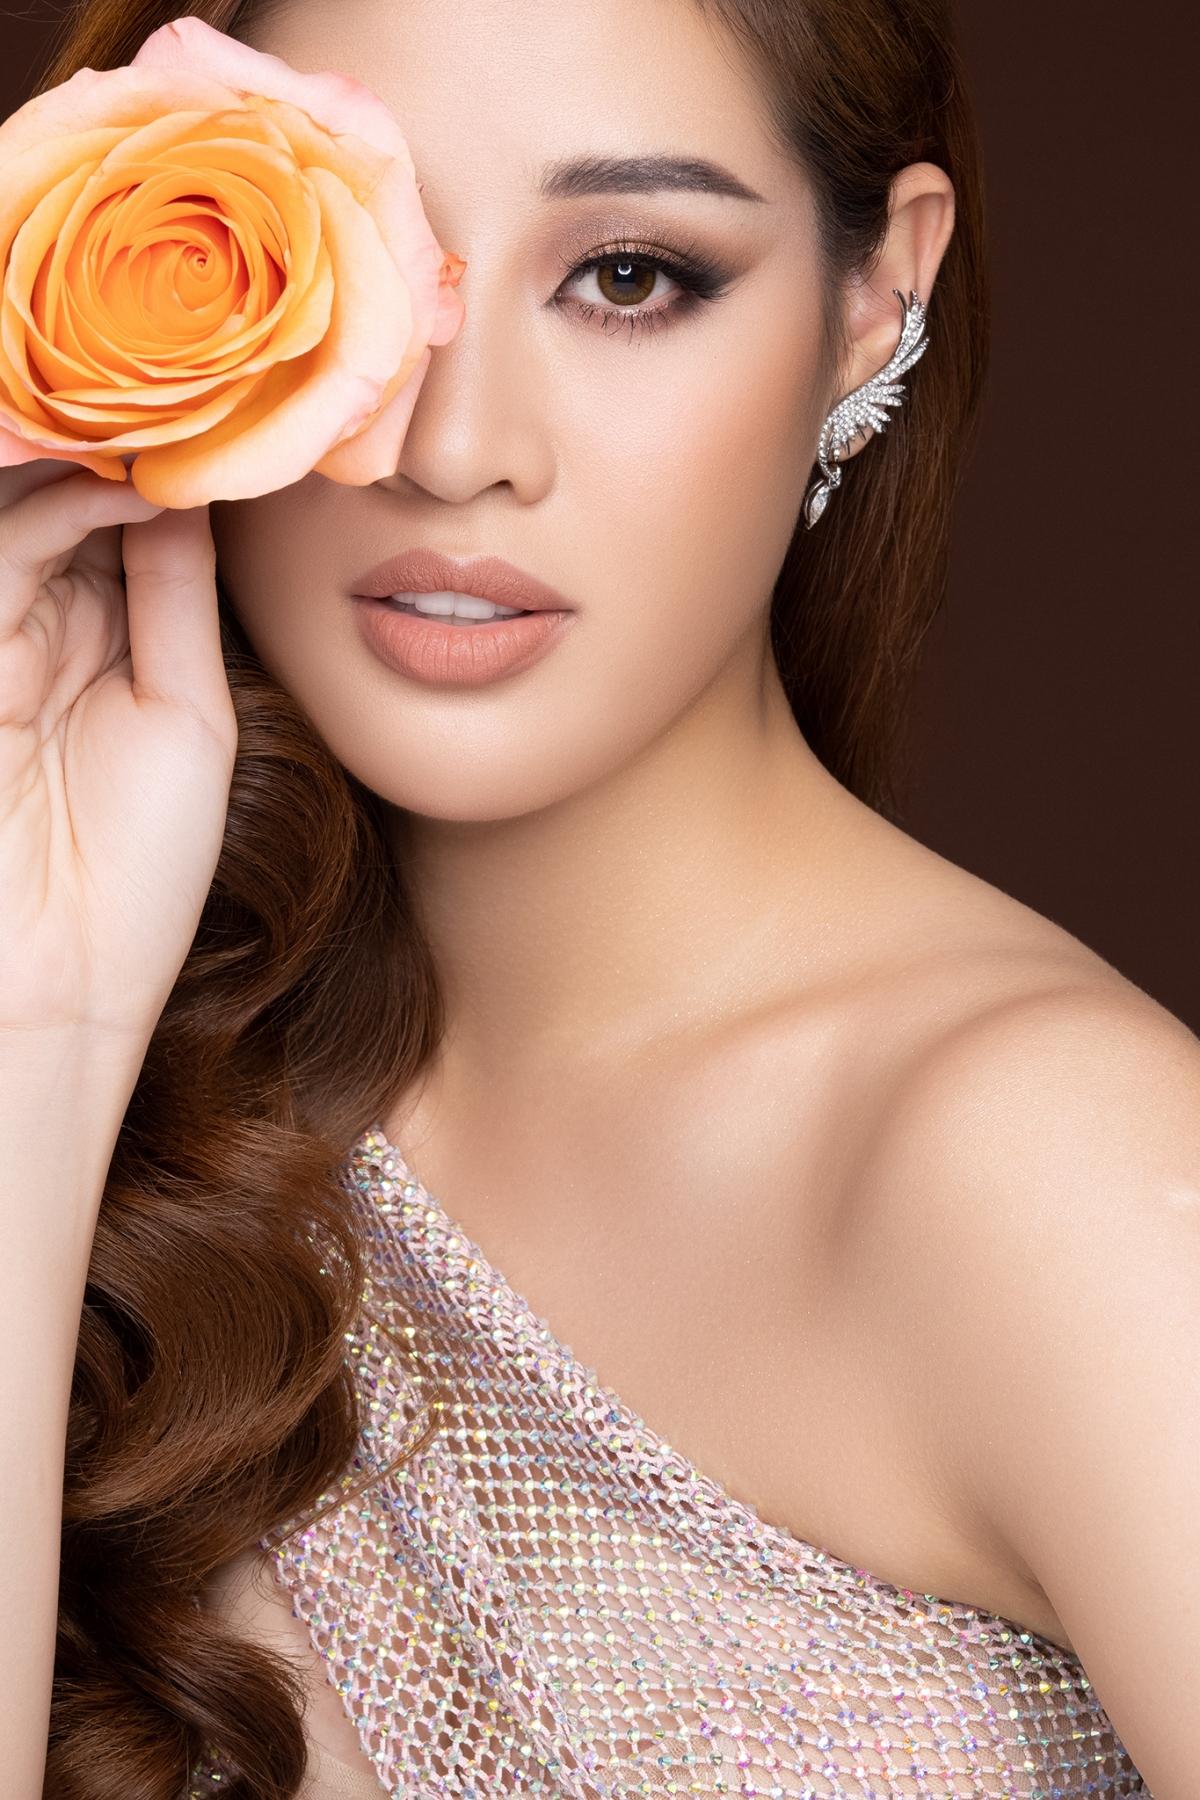 Hiện, Hoa hậu Khánh Vân đang tích cực tập luyện chuẩn bị cho Miss Universe tổ chức tại Mỹ vào tháng 5./.